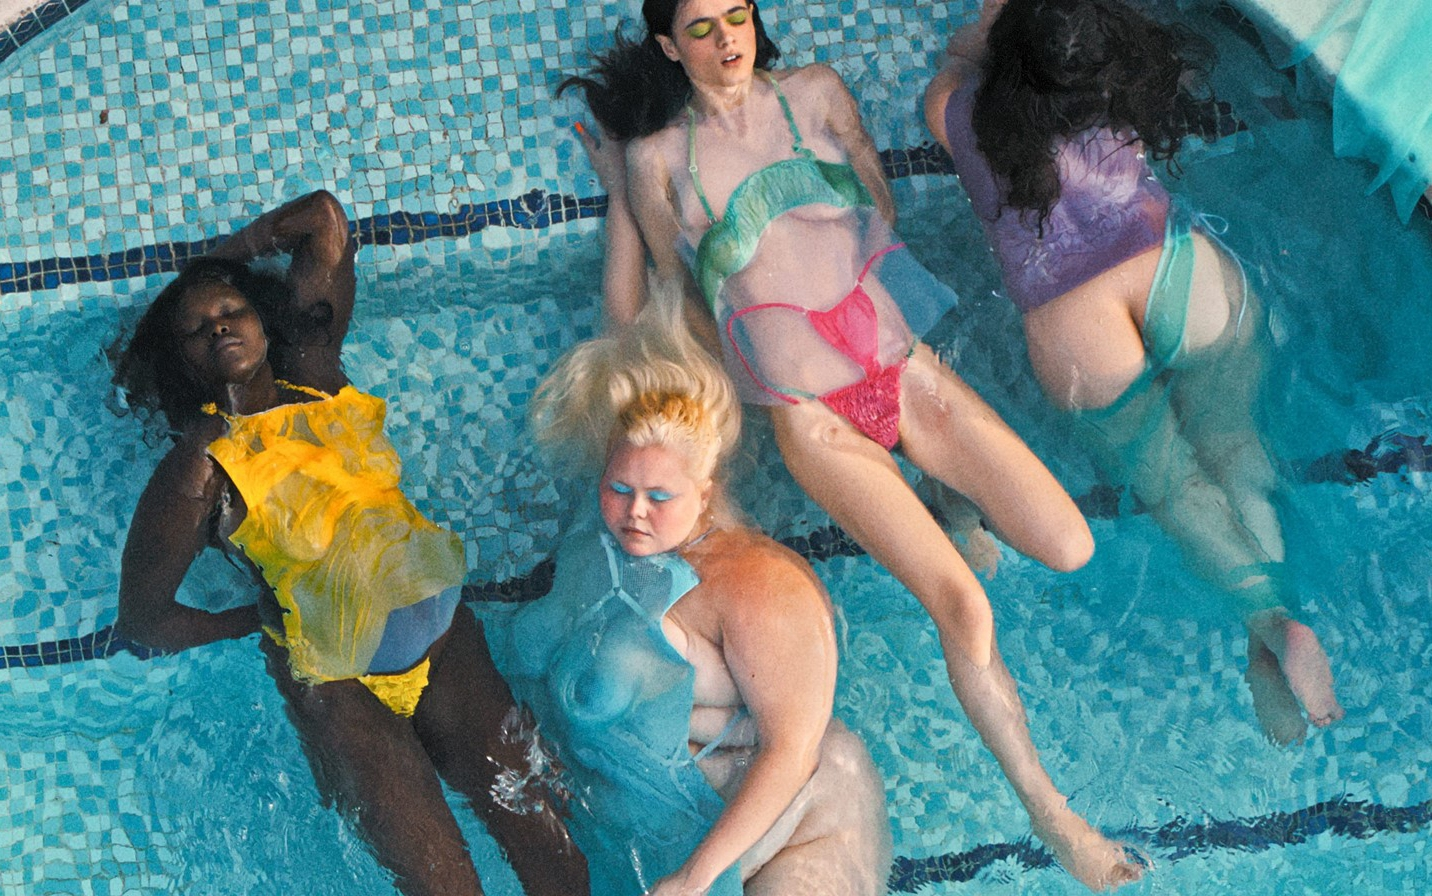 Sinéad O'Dwyer celebra el cuerpo femenino en su premiada campaña SS20